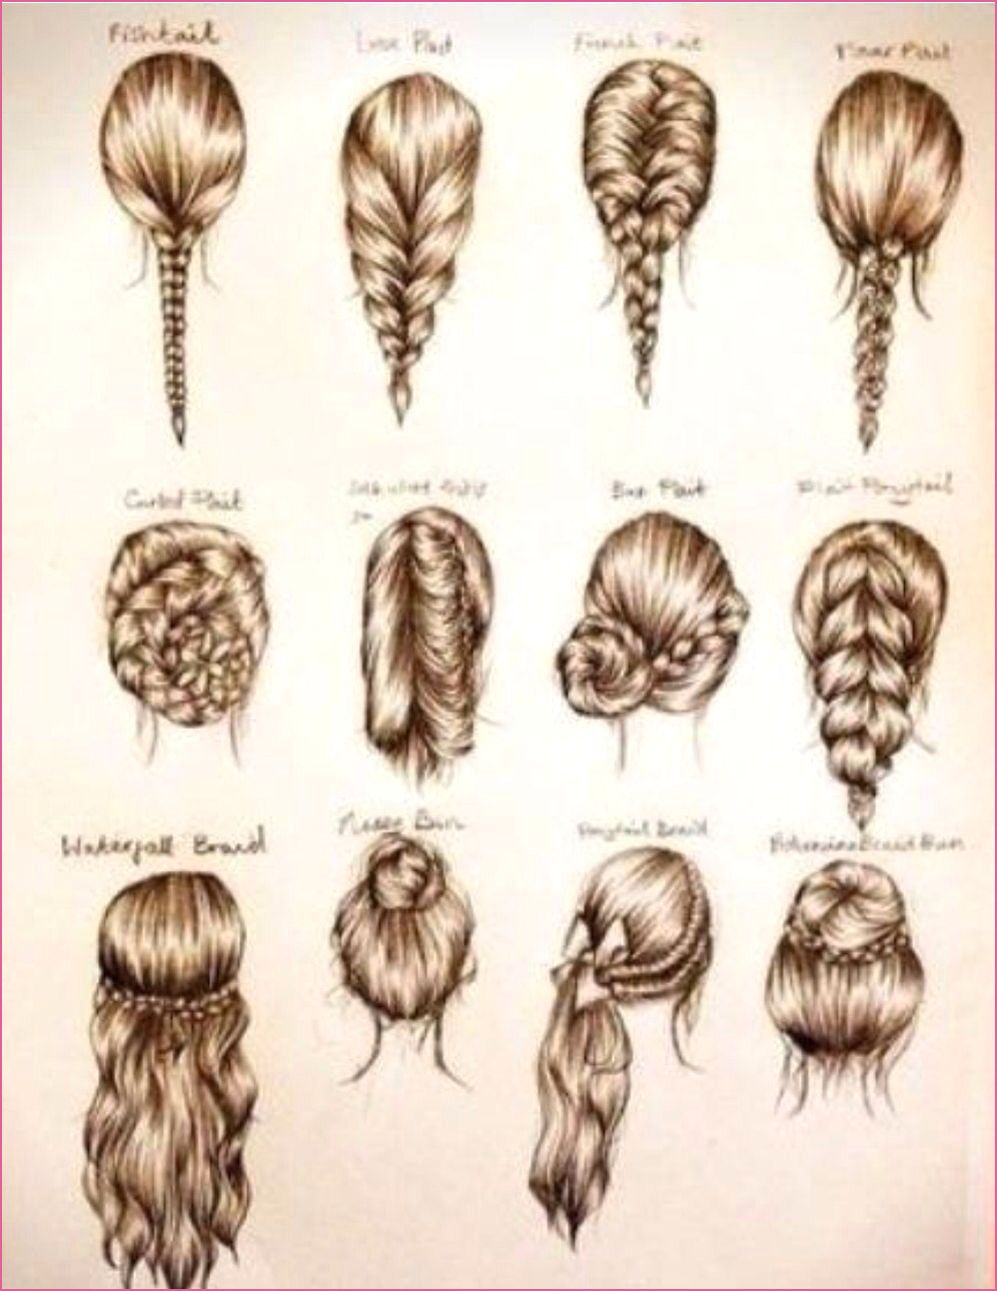 Nett Tumblr Frisuren Anleitung Haar Ideen Fur Die Schule Frisuren Langhaar Einfache Frisuren Fur Langes Haar